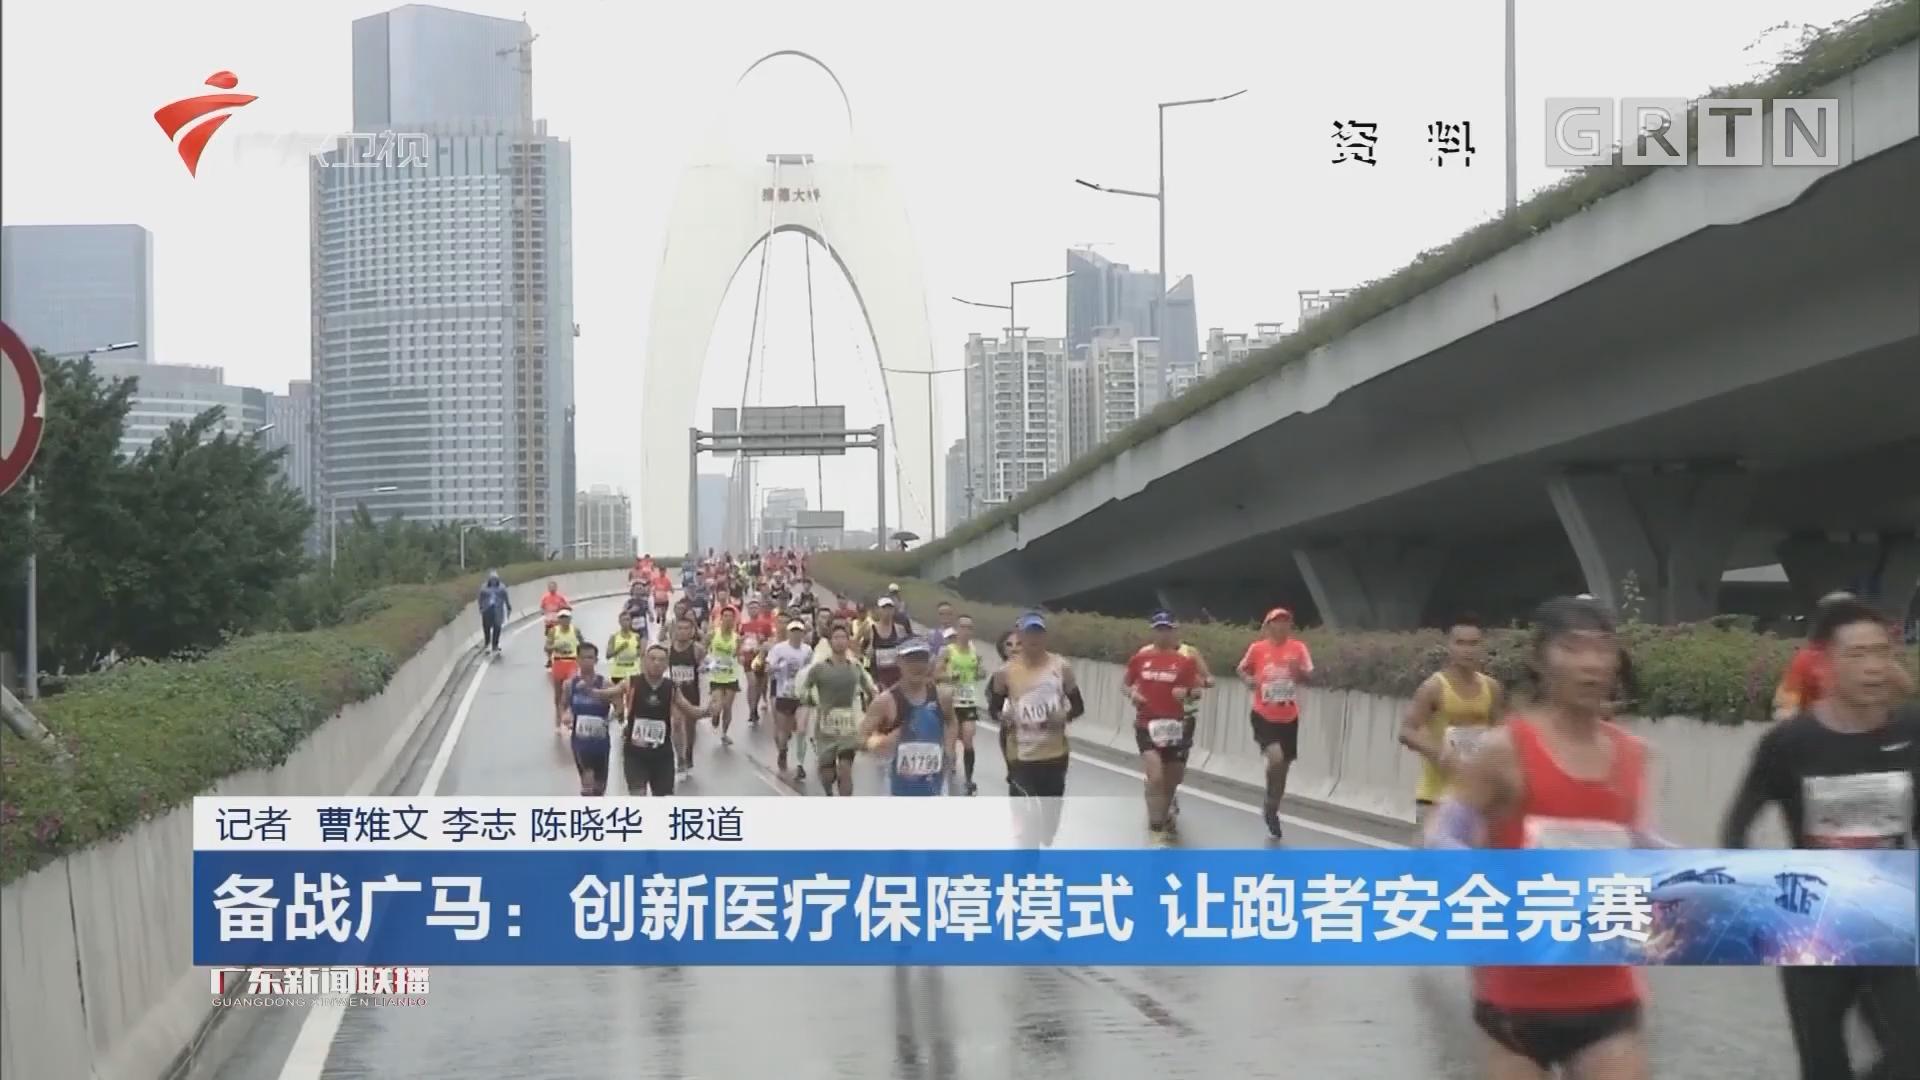 备战广马:创新医疗保障模式 让跑者安全完赛